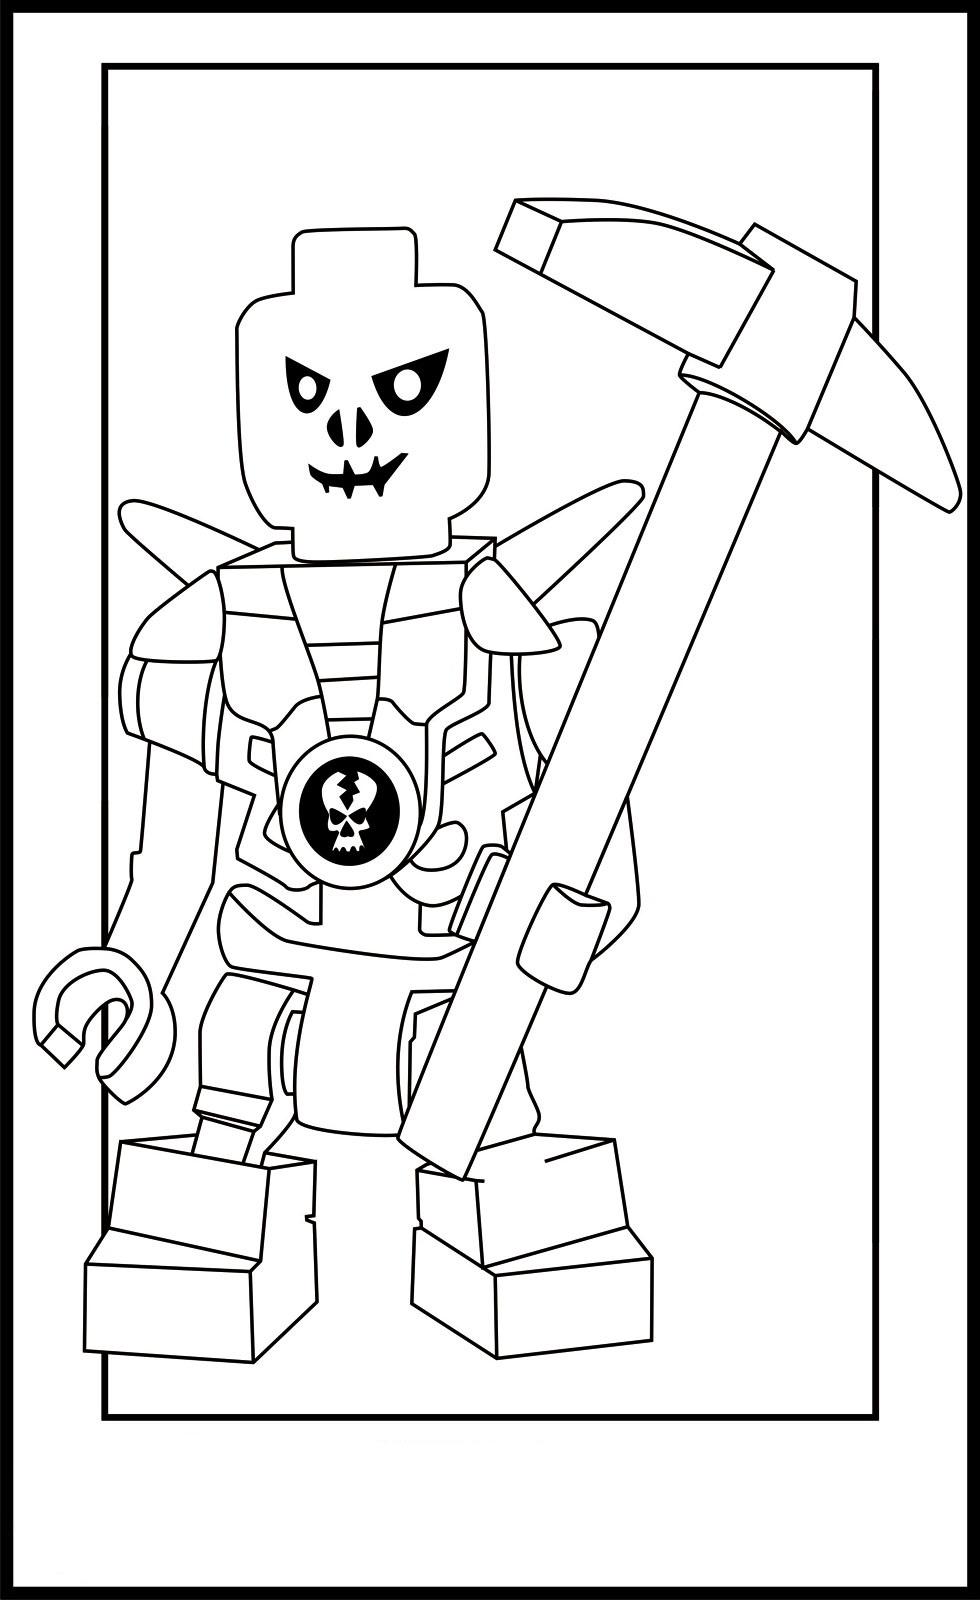 new ninjago coloring pages - photo#36